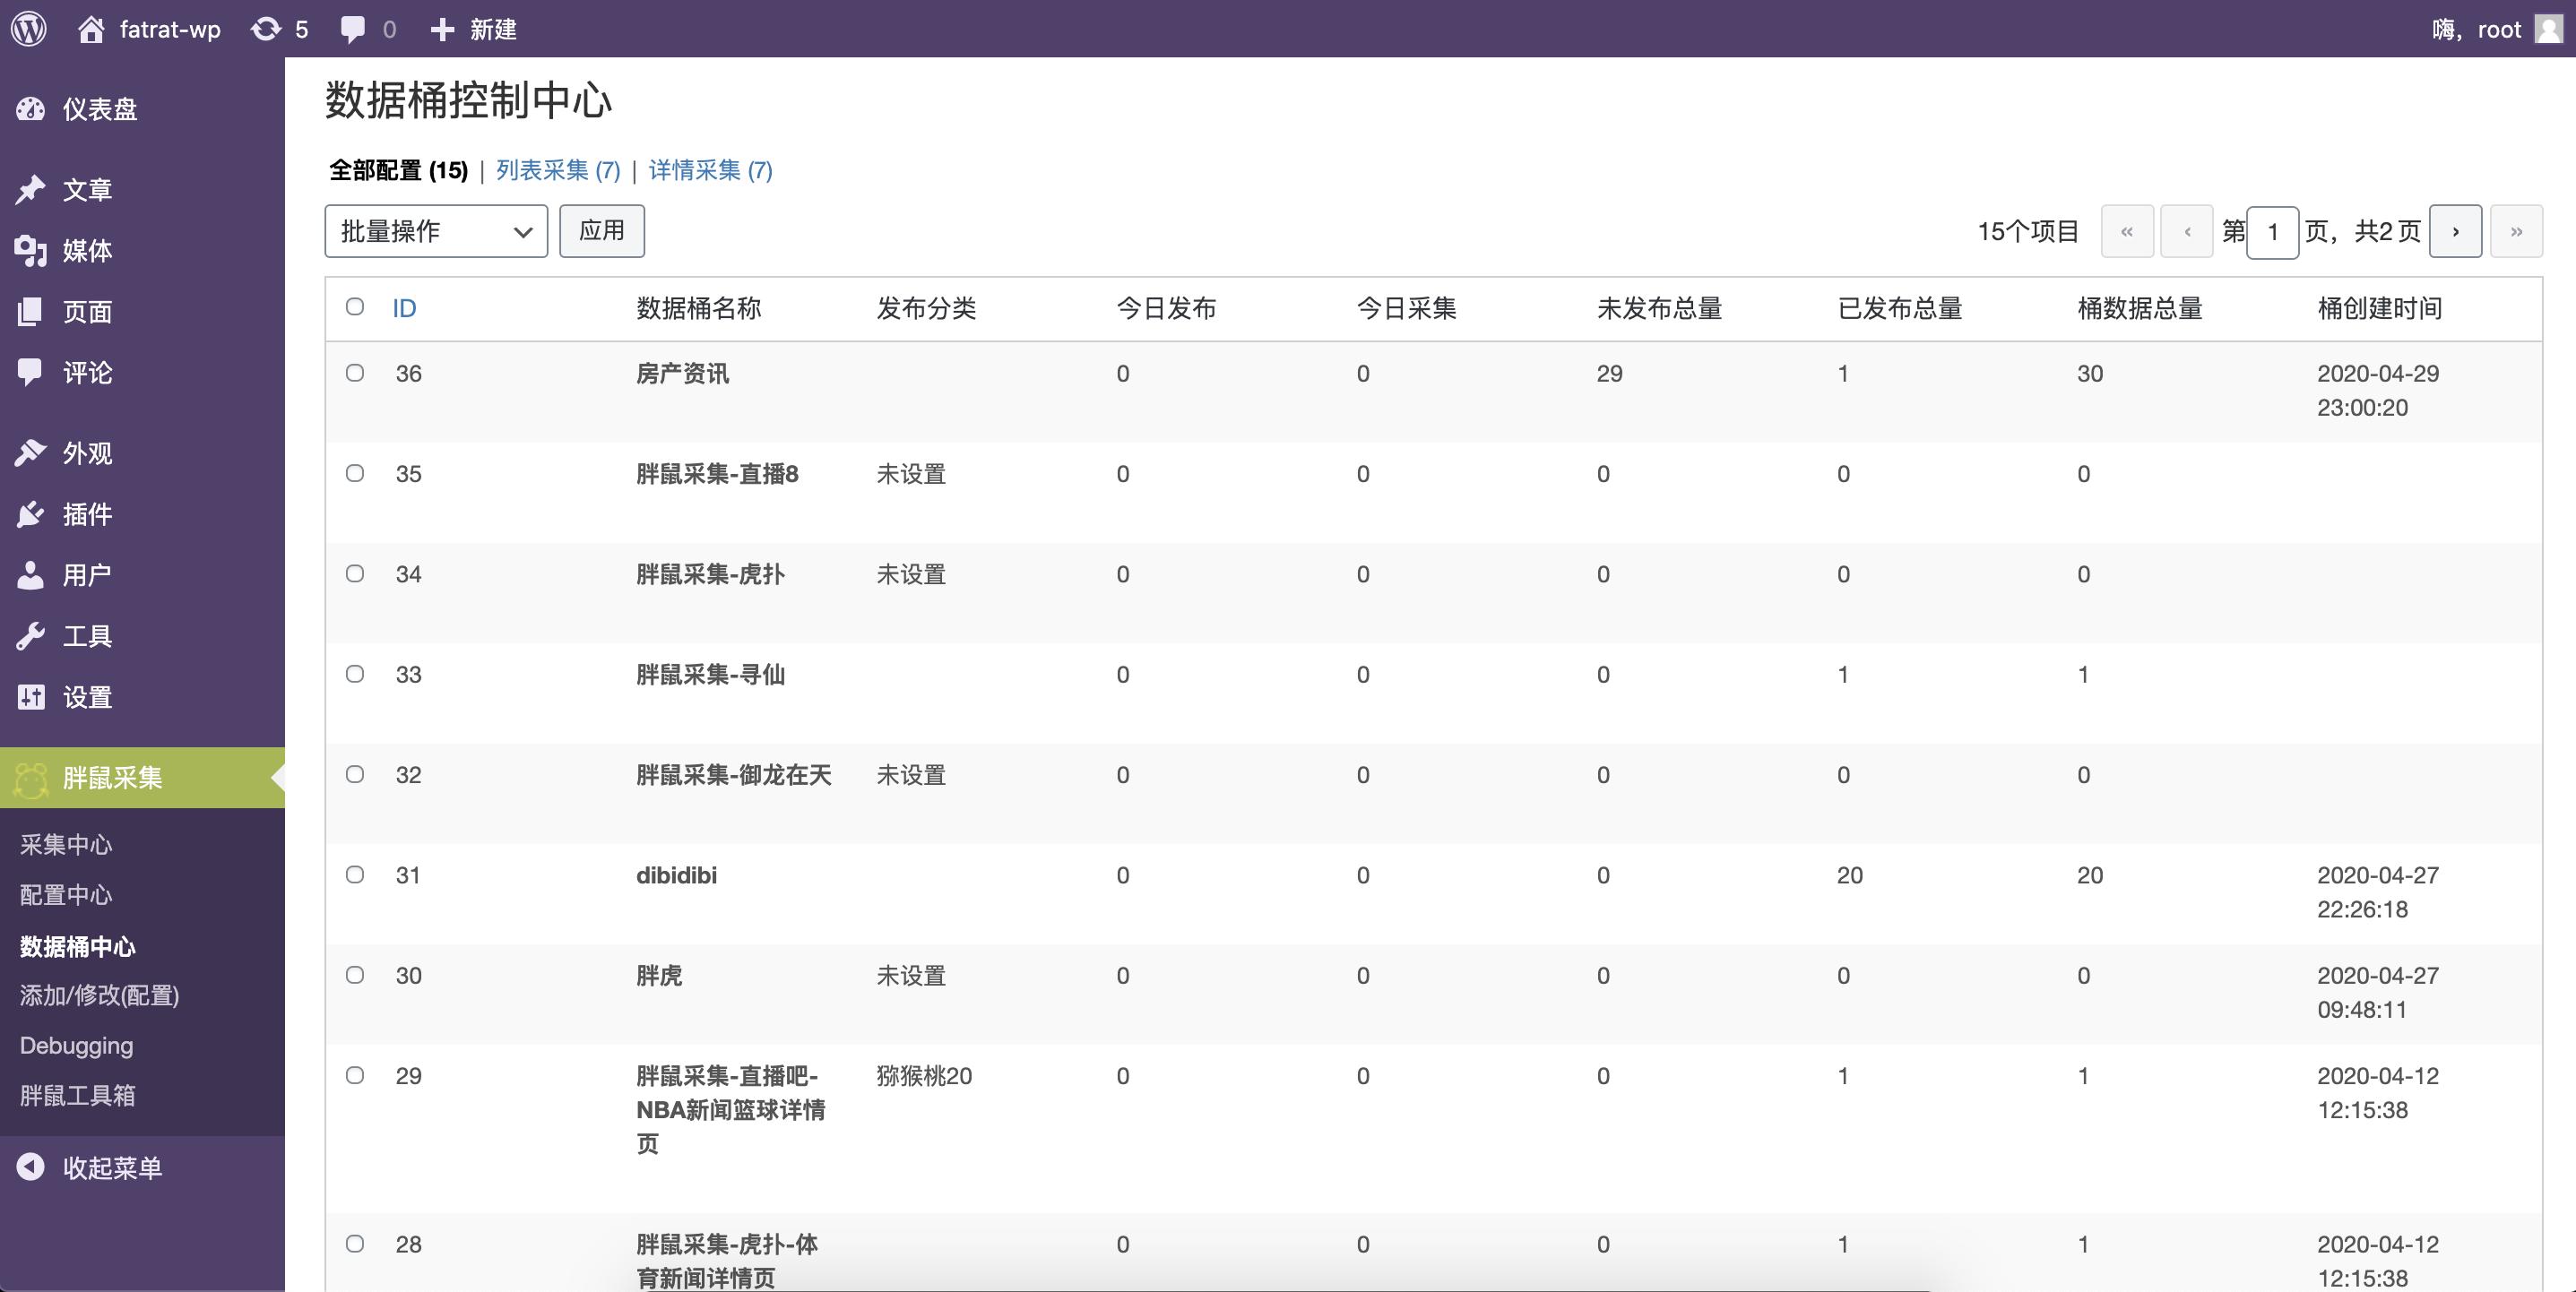 胖鼠采集(Fat Rat Collect) 微信知乎简书腾讯新闻列表分页采集, 还有自动采集、自动发布、自动标签、等多项功能。开源插件